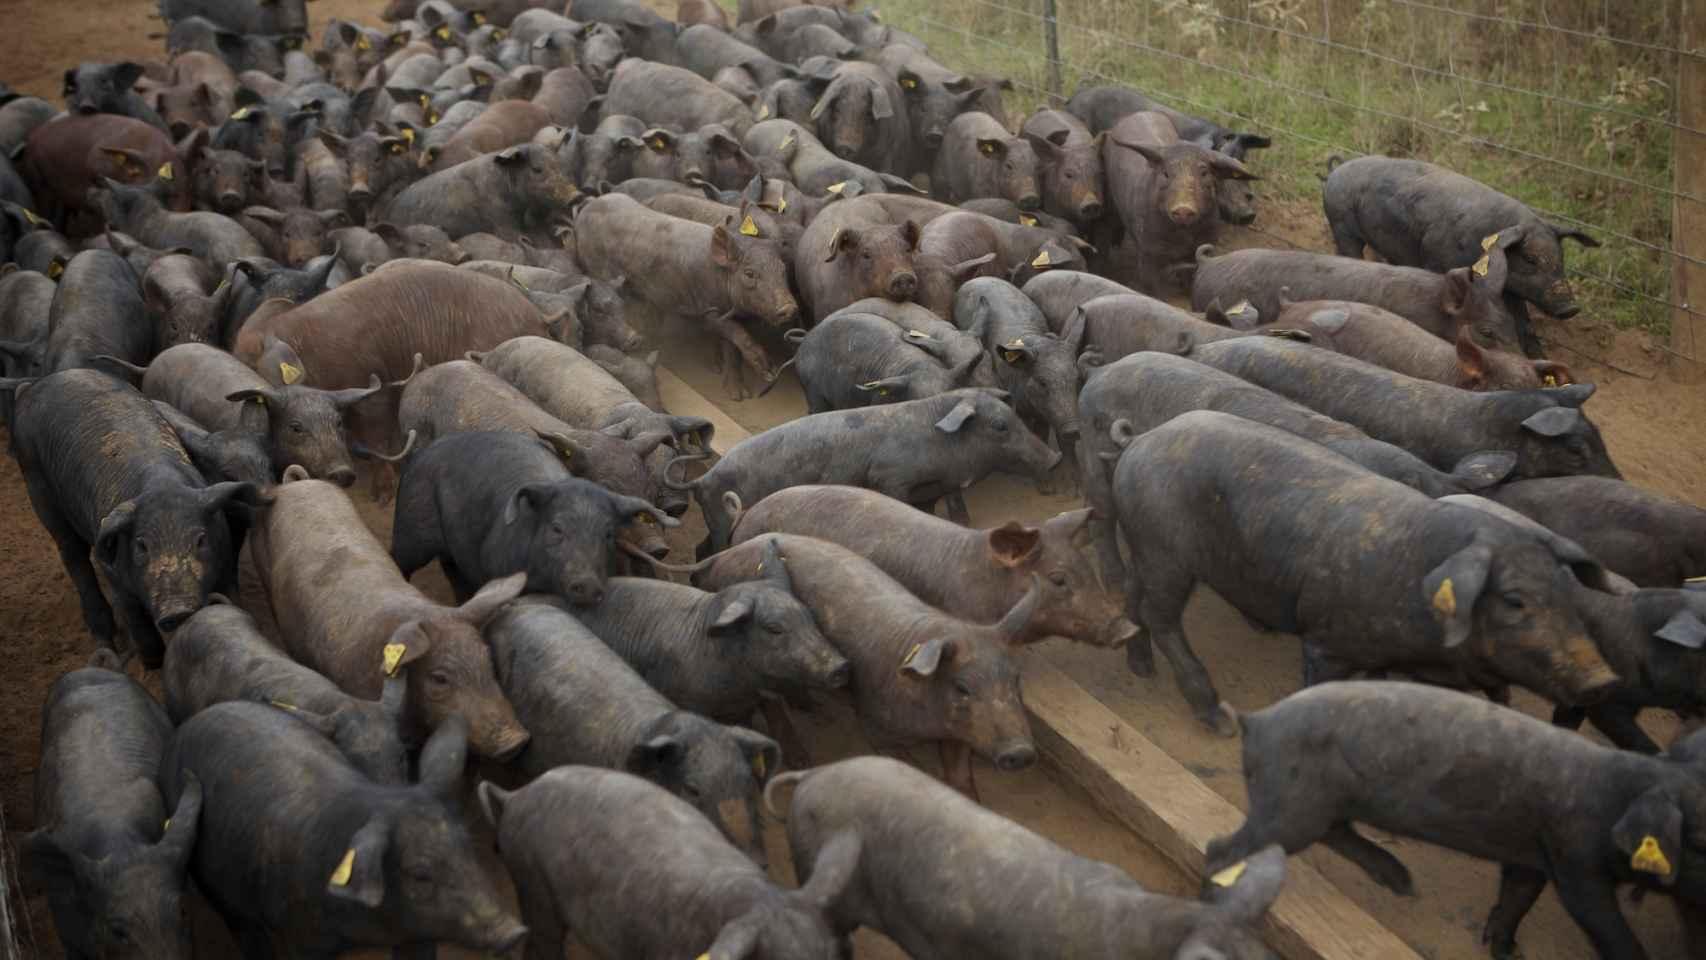 Transportar a cada cerdo —en total eran 150— les costó 3.500 dólares.